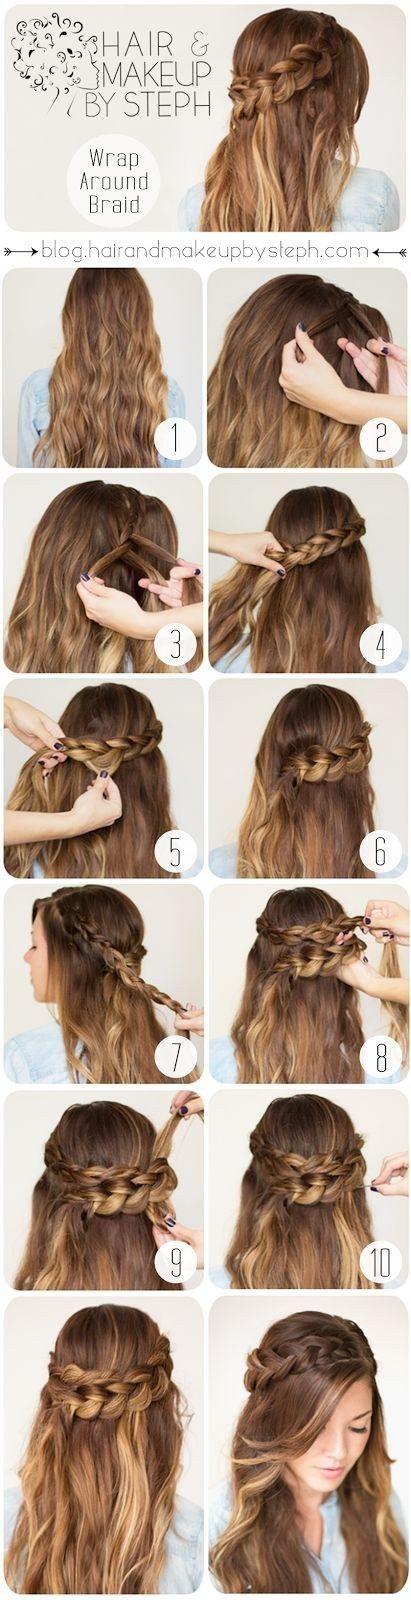 Corona de trenzas (cabello suelto):